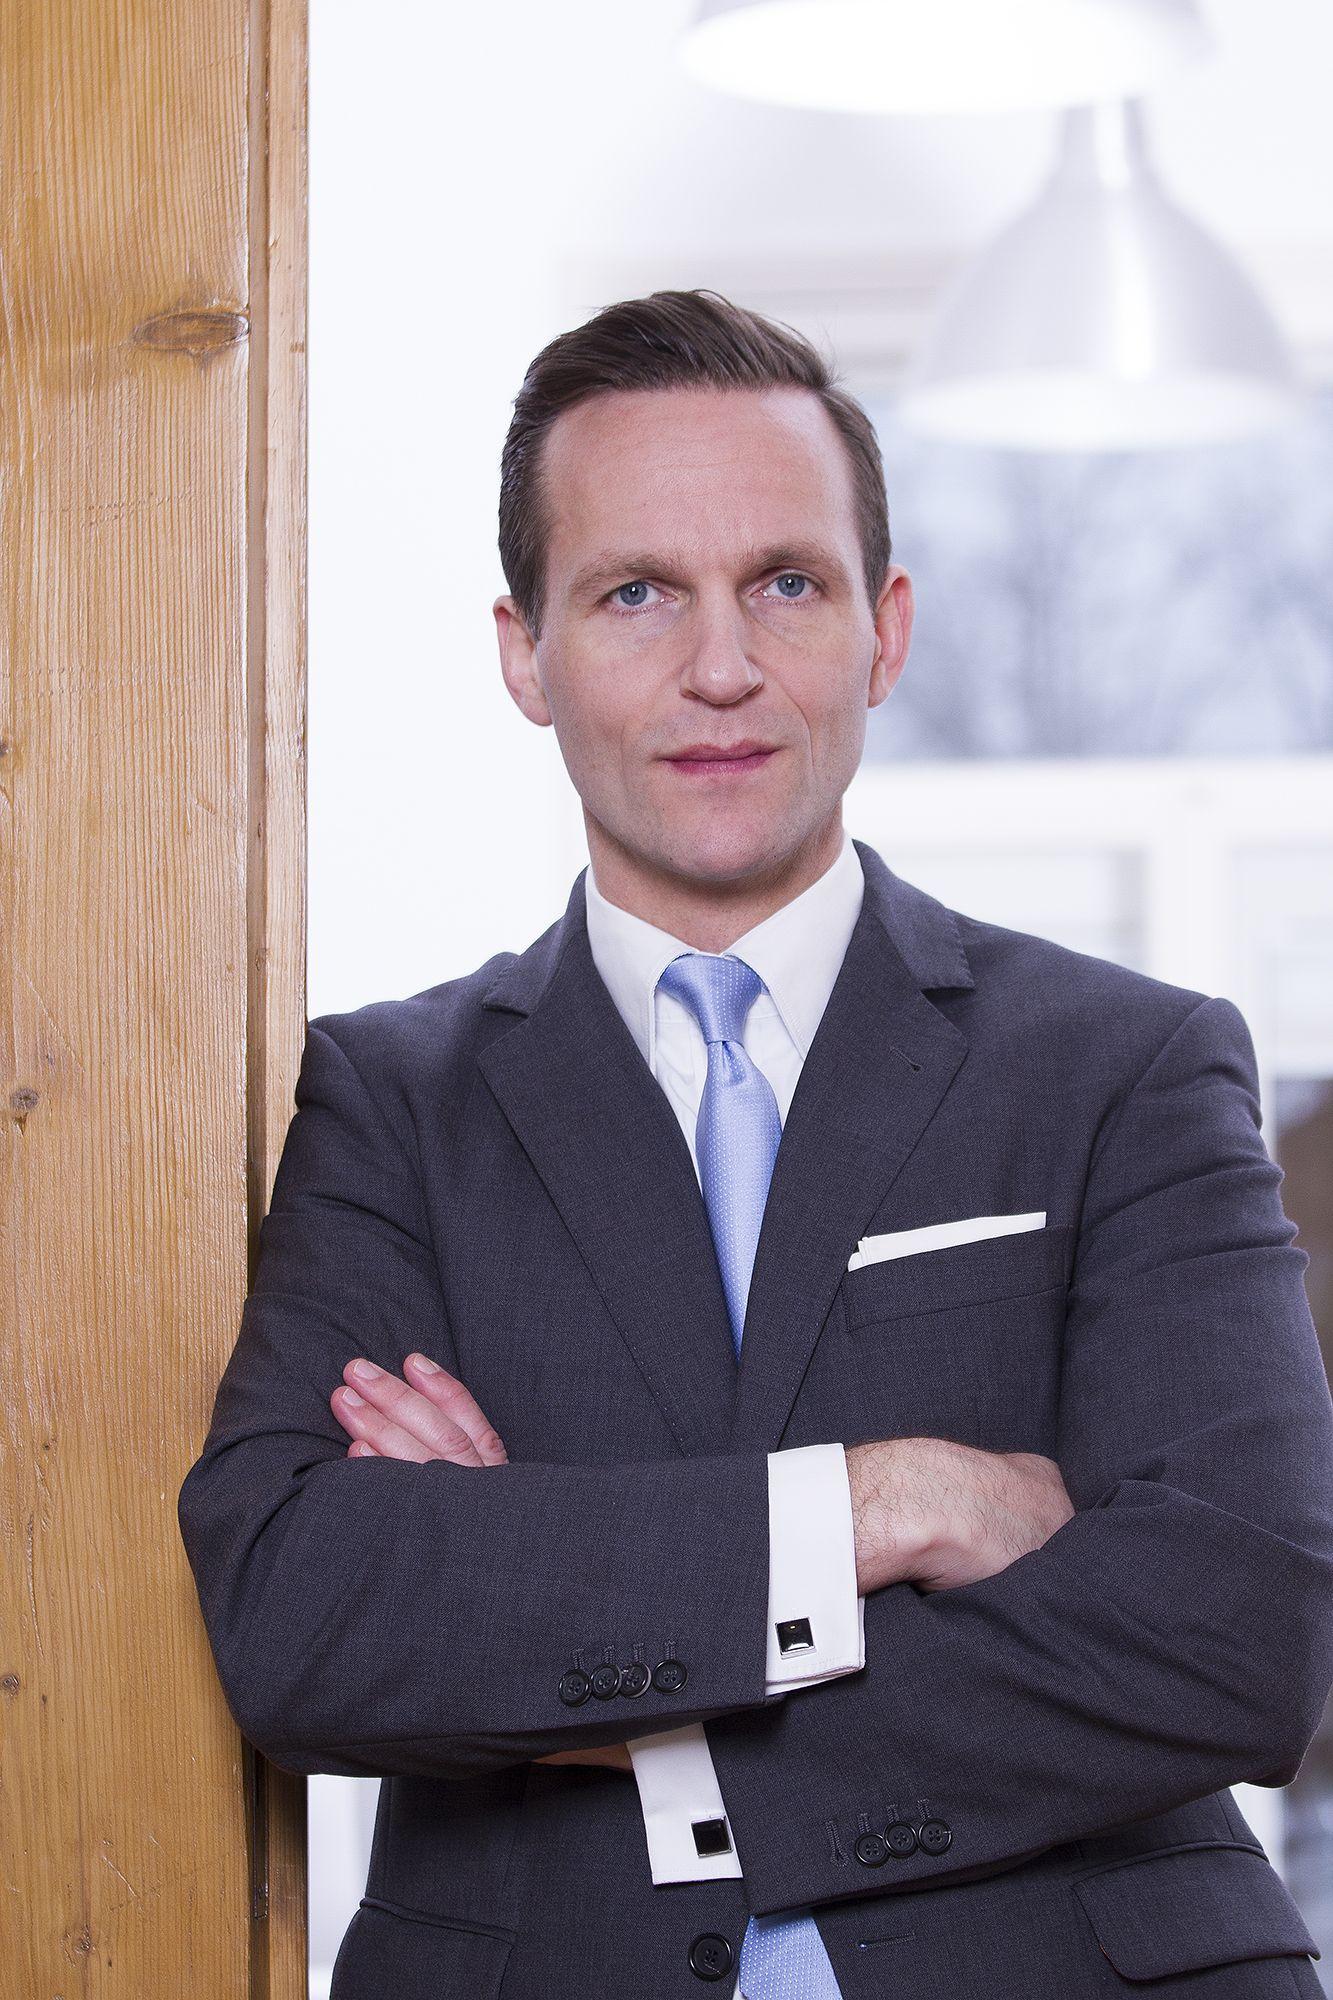 News - Central: Nicolas Scheidtweiler, Geschäftsführer Employer Branding now